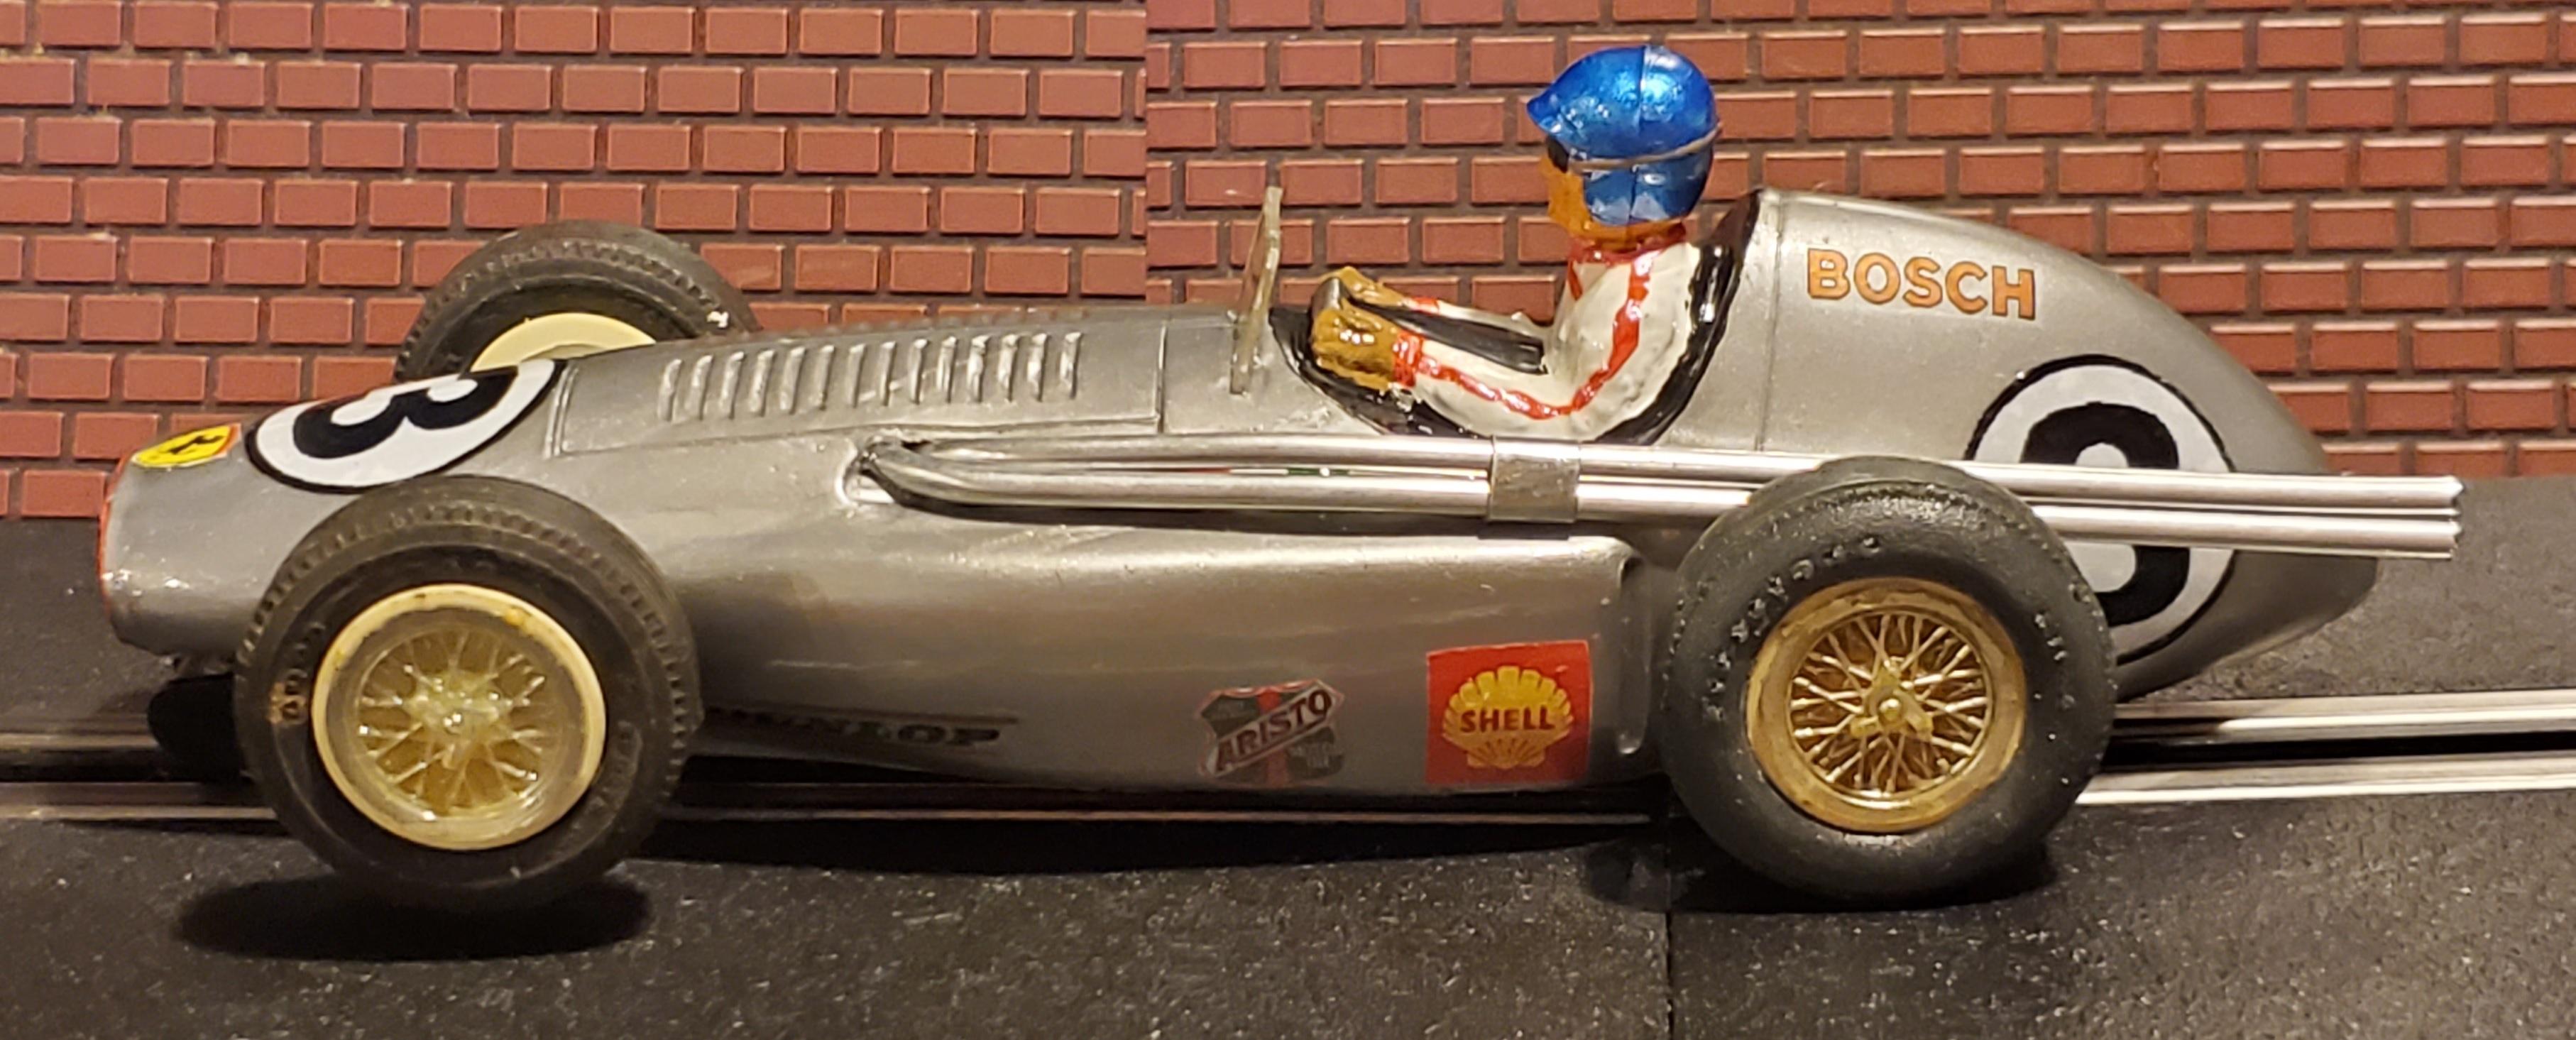 * SALE * Revell Ferrari Silver Squalo G.P. 555 F1 Slot Car 1/24 Scale – Car 3